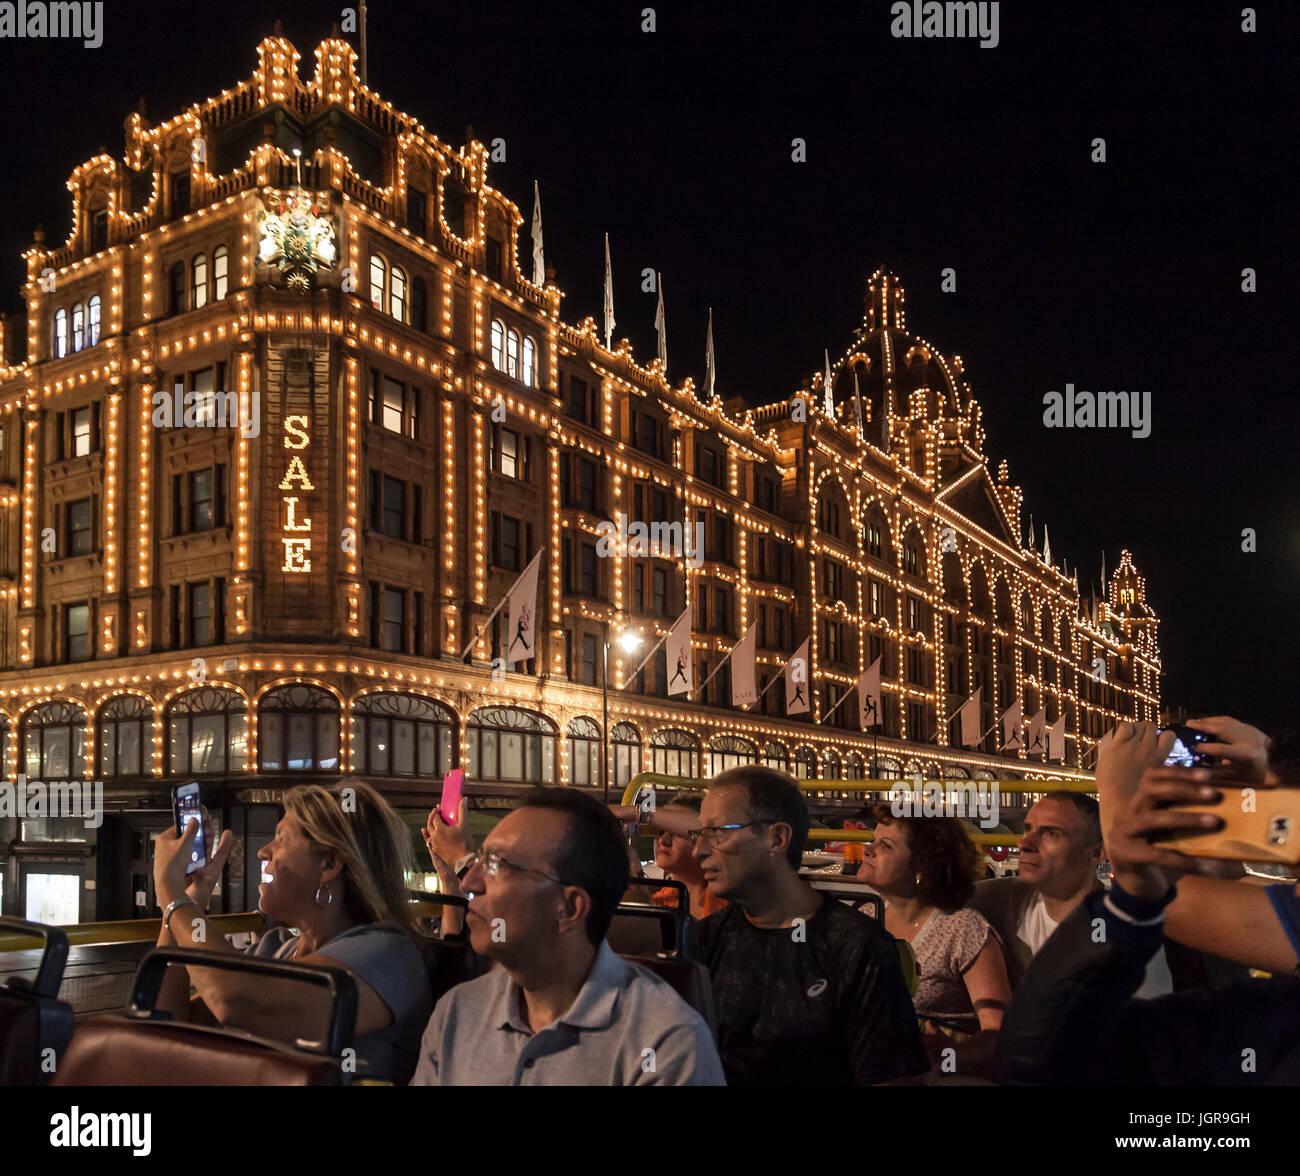 Un groupe de touristes passant l'allumé du magasin Harrods à Knightsbridge, Londres, au cours d'une Photo Stock